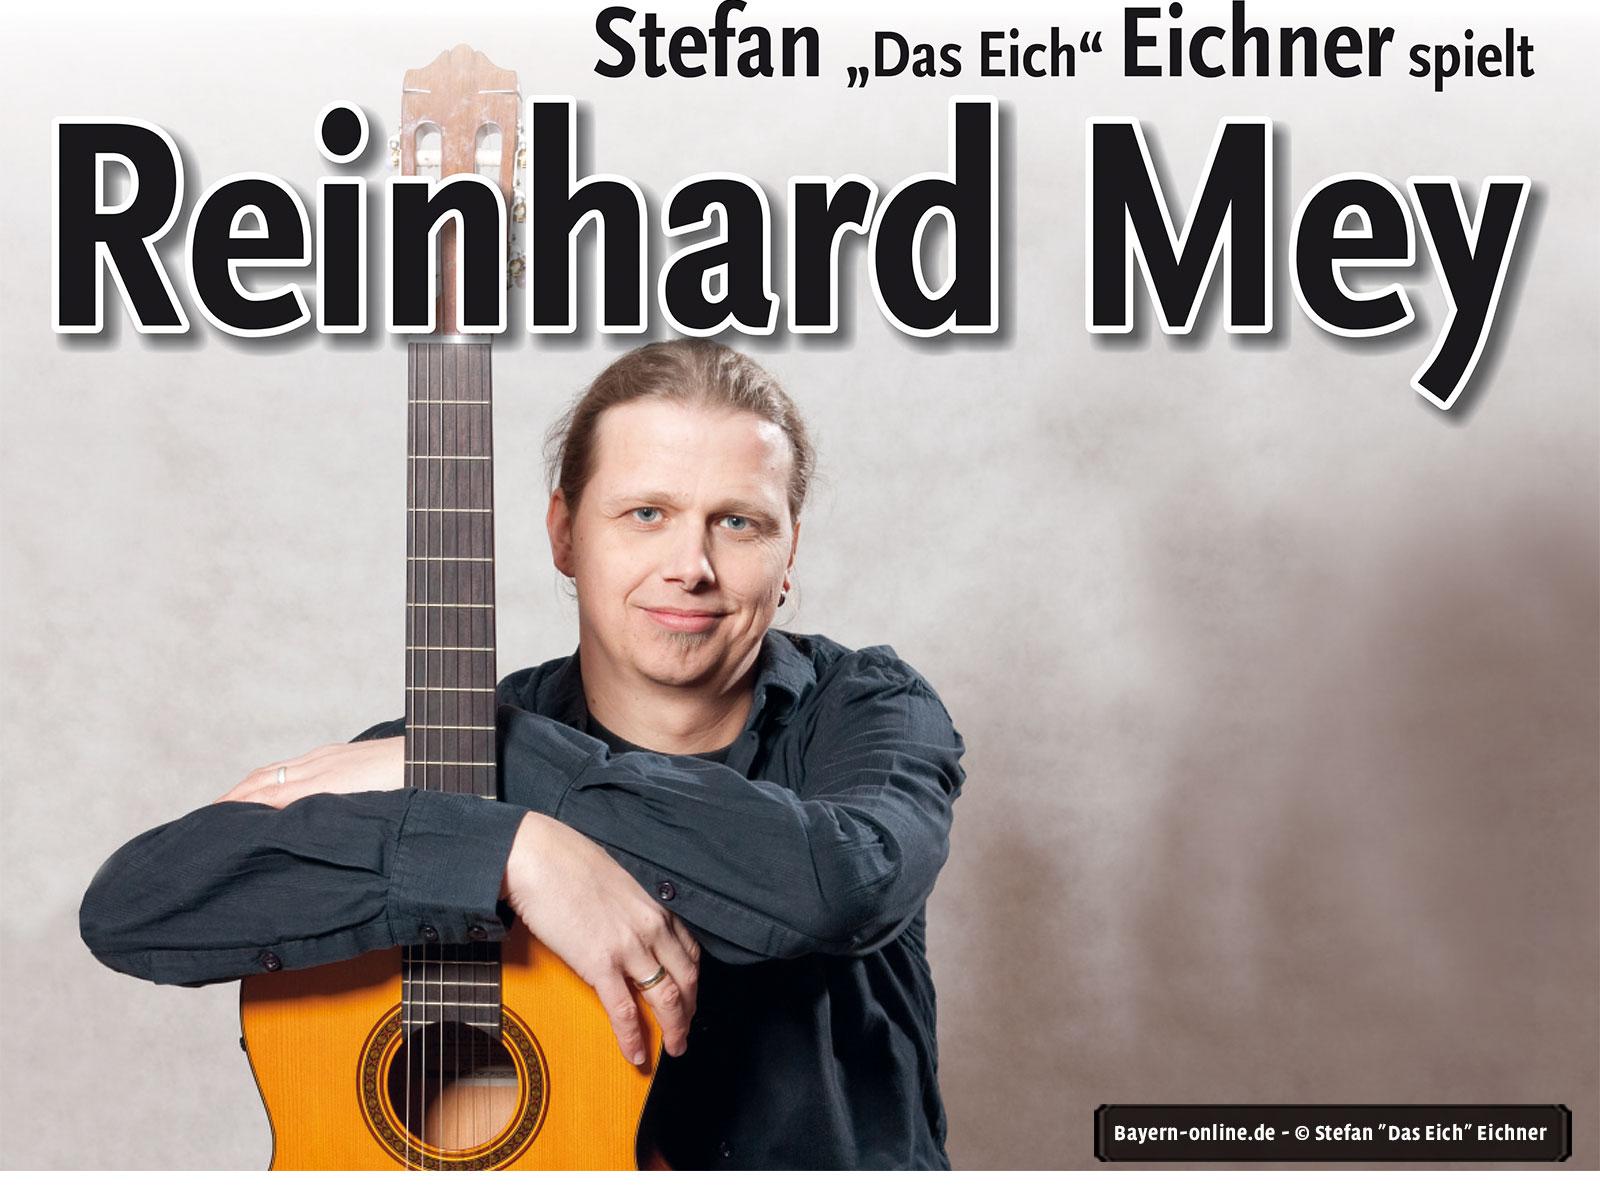 Reinhard Mey Würzburg lieder reinhard mey